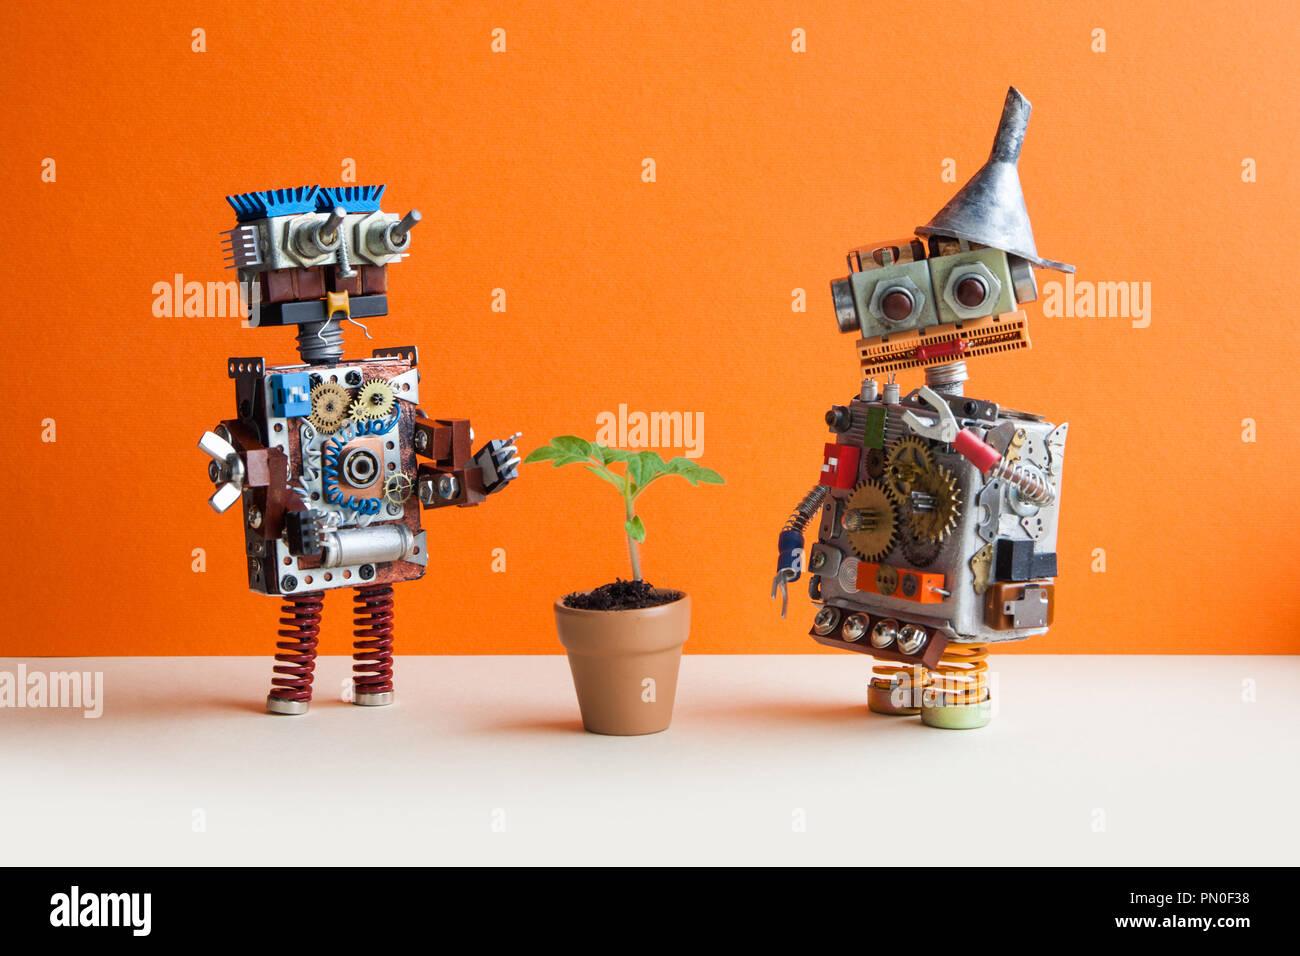 Deux robots comiques et plante verte. Orange wall background Photo Stock